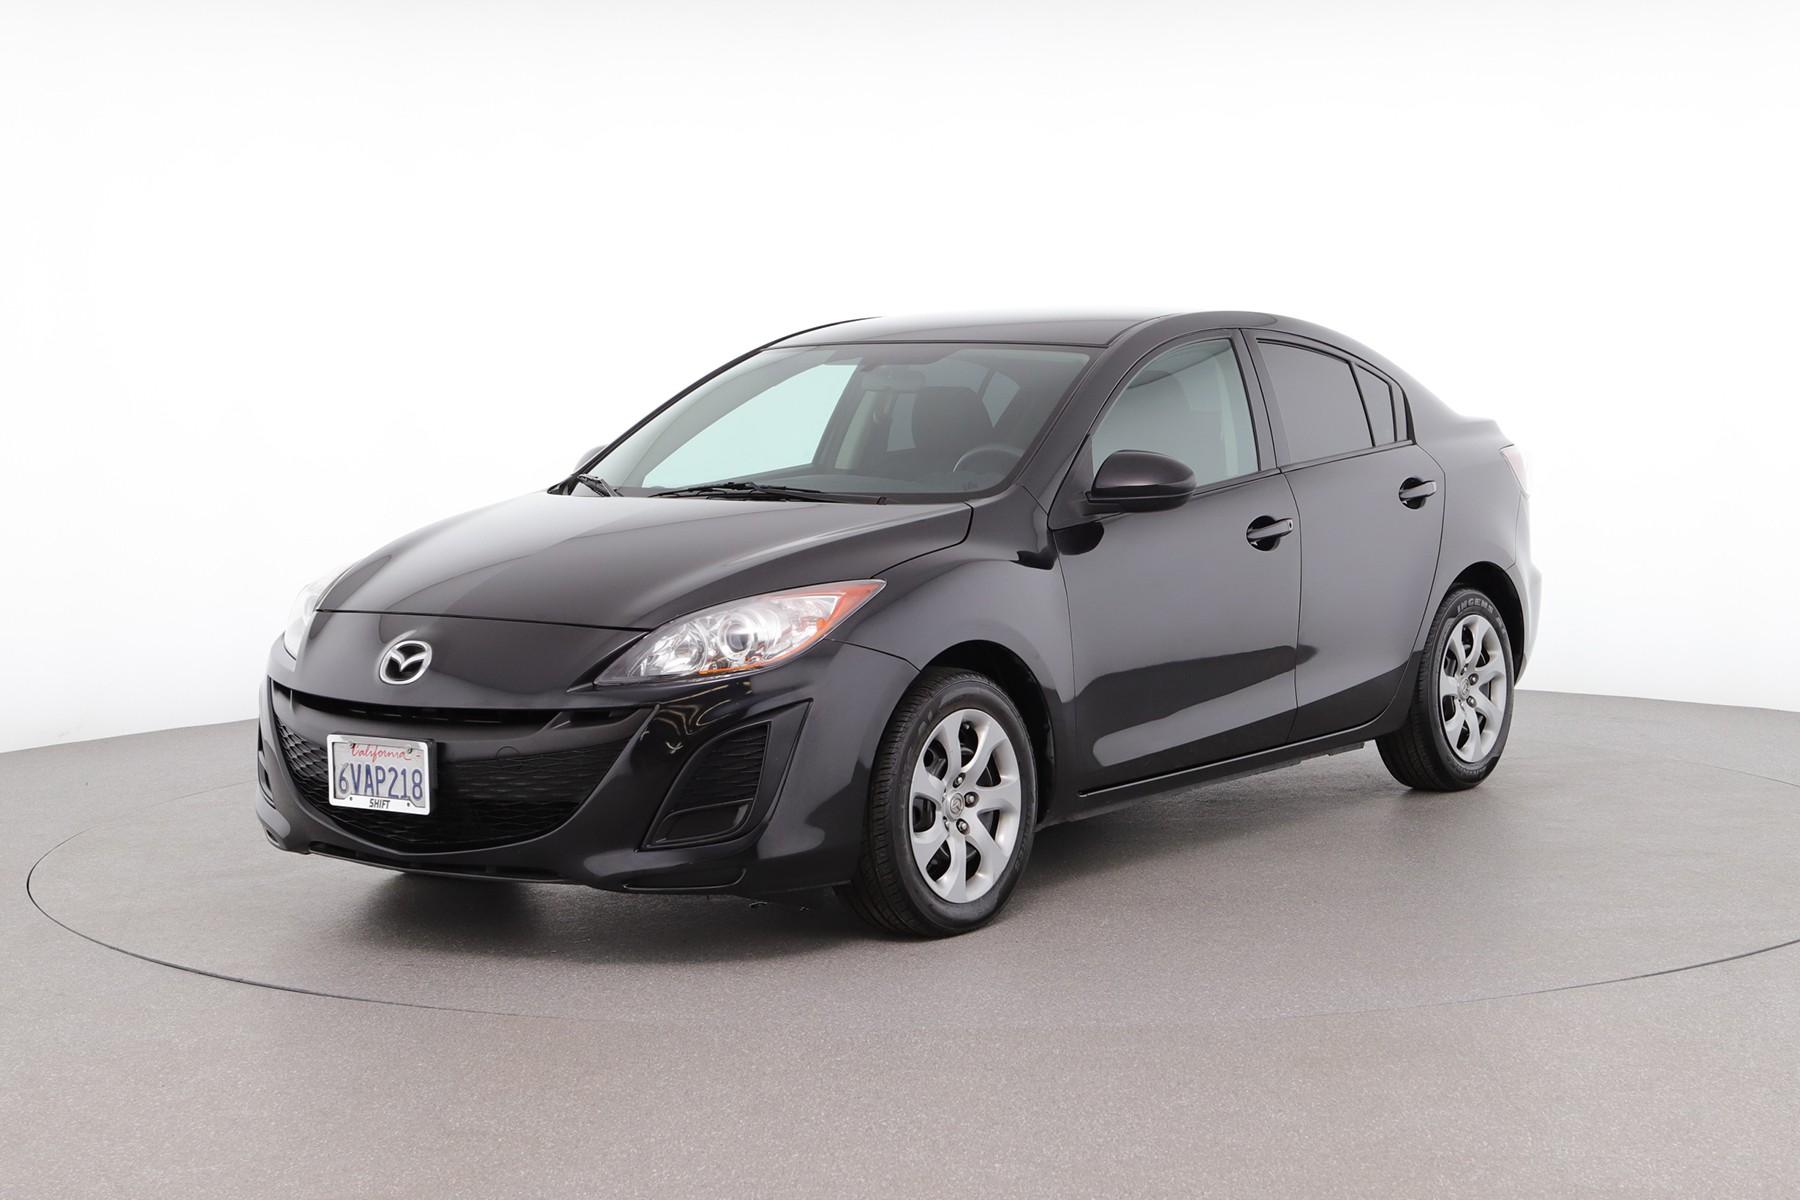 2011 Mazda Mazda3 i SV (from $8,650)